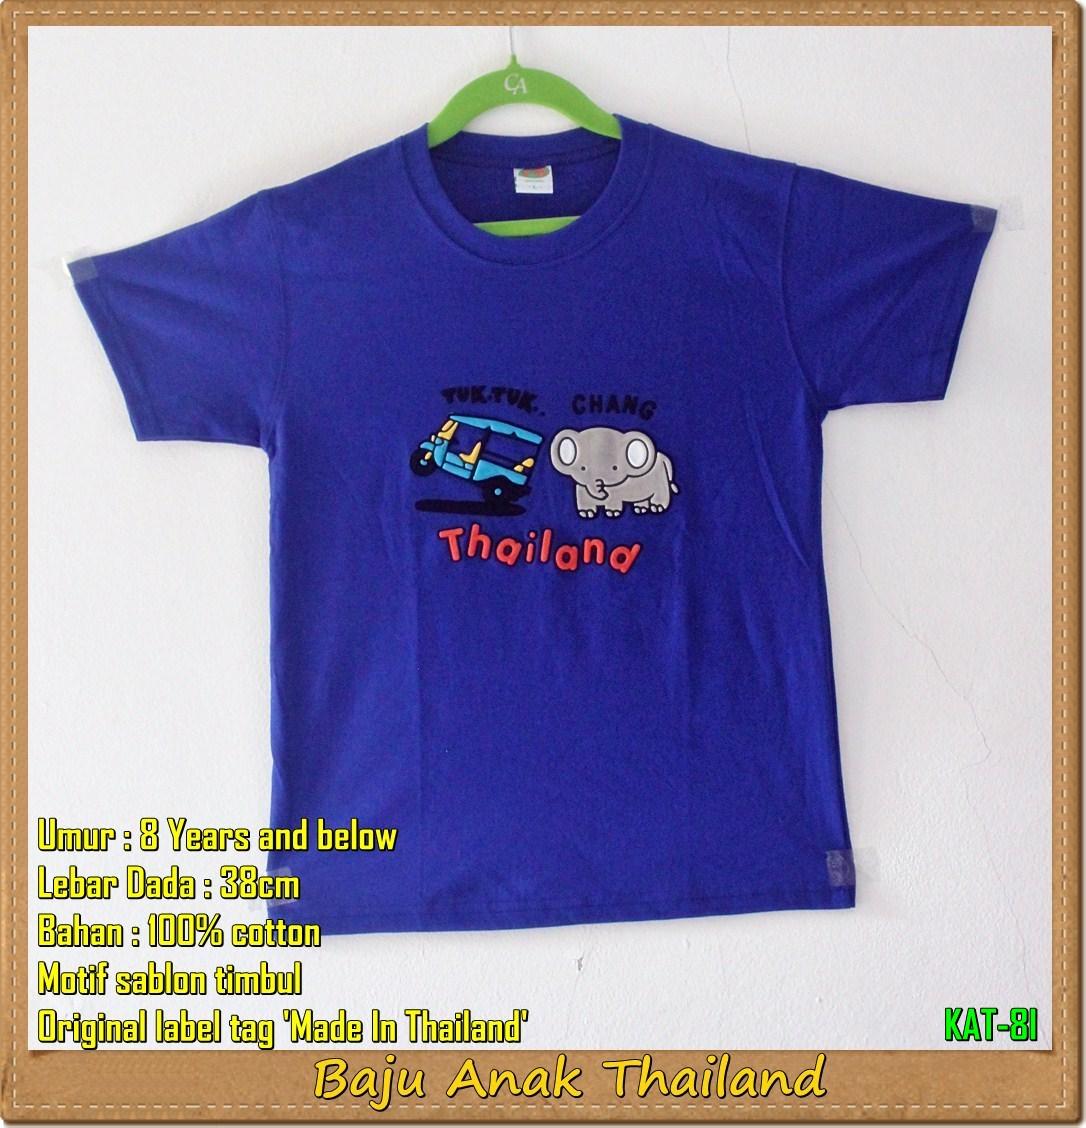 Kaos Anak Thailand Umur 8 Tahun (KAT-8I)